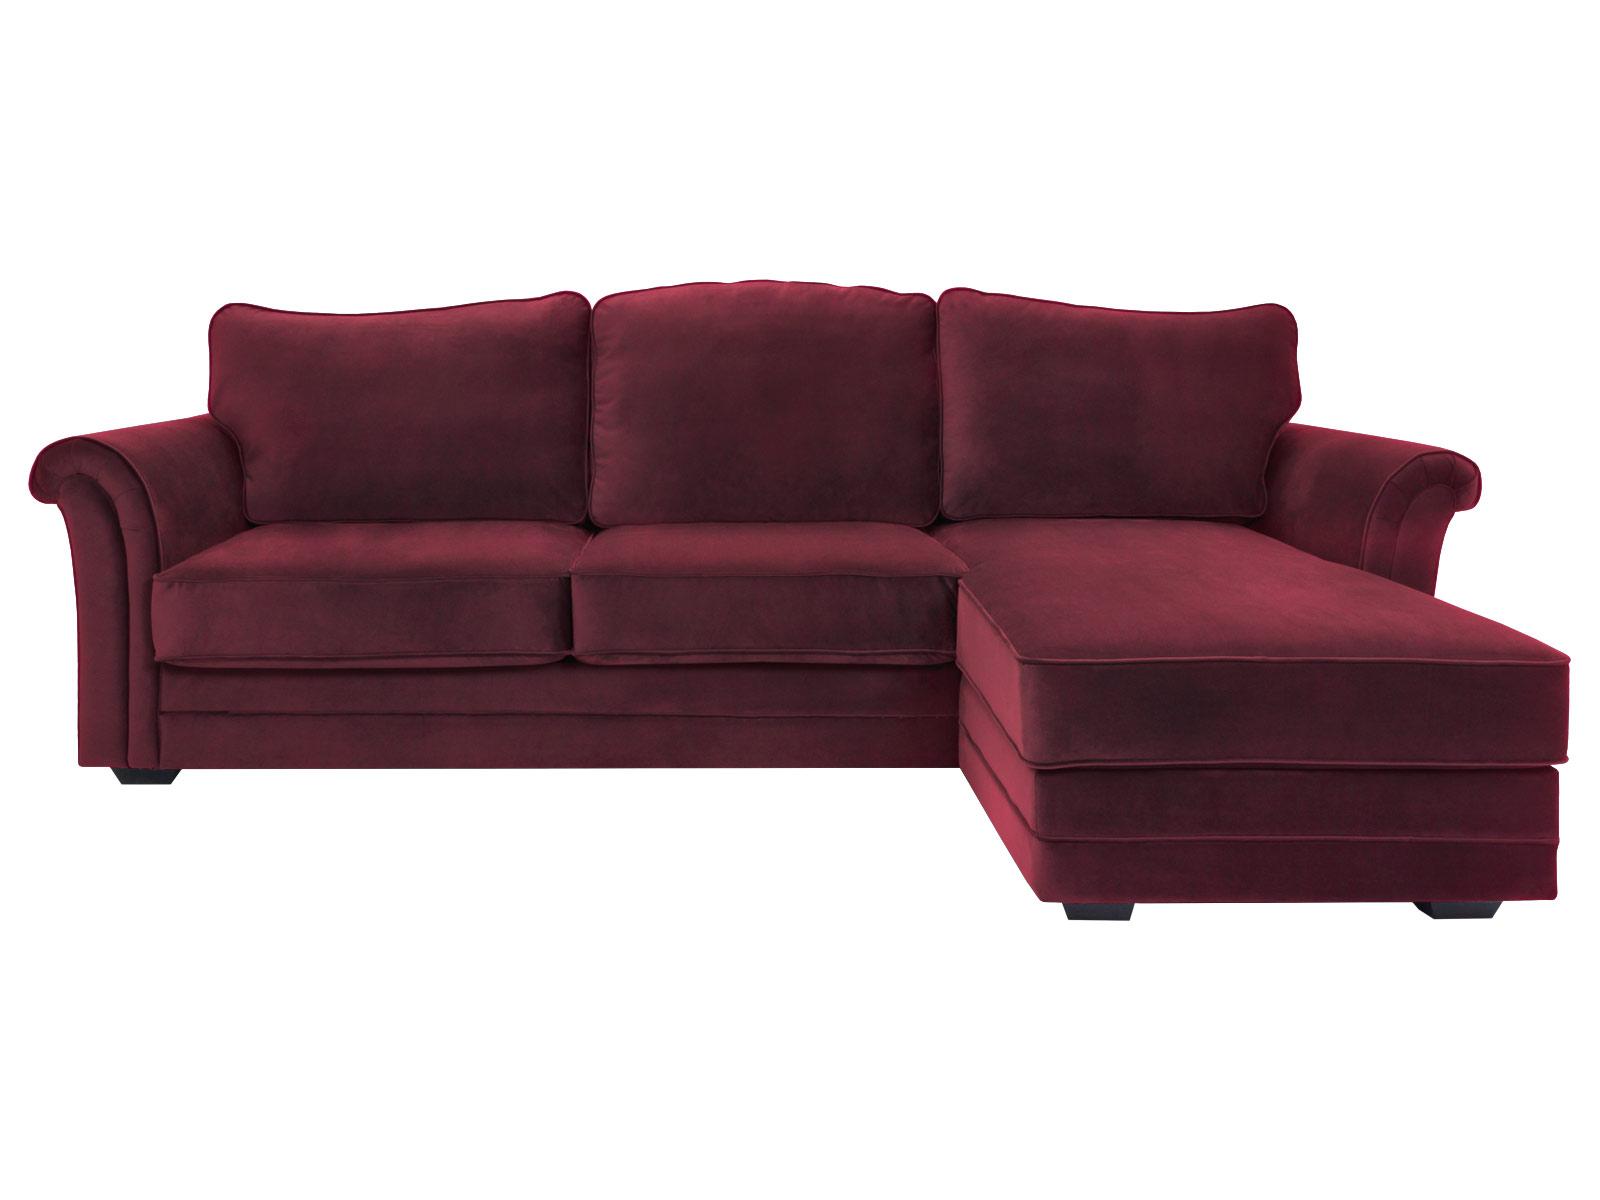 Диван SydУгловые раскладные диваны<br>&amp;lt;div&amp;gt;А вам под силу придумать больше двух вариантов, как можно расположиться на диване? Syd поможет вам эспериментировать. Благодаря угловой оттоманке и раскладному механизму, вариантов теперь -- тысячи! Плавные линии спинки и подлокотников прекрасно дополнят прованский интерьер. А удобные ящики для хранения позволят сэкономить место.&amp;lt;/div&amp;gt;&amp;lt;div&amp;gt;Оттоманка может располагаться как с правой, так и с левой стороны.&amp;amp;nbsp;&amp;lt;/div&amp;gt;&amp;lt;div&amp;gt;&amp;lt;br&amp;gt;&amp;lt;/div&amp;gt;&amp;lt;div&amp;gt;Каркас: деревянный брус, фанера&amp;lt;/div&amp;gt;&amp;lt;div&amp;gt;Подушки спинок: синтетическое волокно «синтепух»&amp;lt;/div&amp;gt;&amp;lt;div&amp;gt;Подушки сидений: пенополиуретан, синтепон, пружинный блок&amp;lt;/div&amp;gt;&amp;lt;div&amp;gt;Обивка: 100% полиэстер&amp;lt;/div&amp;gt;&amp;lt;div&amp;gt;&amp;lt;br&amp;gt;&amp;lt;/div&amp;gt;&amp;lt;div&amp;gt;Размер спального места 184х133 см.&amp;lt;/div&amp;gt;&amp;lt;div&amp;gt;Лицевые чехлы подушек съёмные&amp;lt;/div&amp;gt;&amp;lt;div&amp;gt;Глубина оттоманки:151 cм&amp;lt;/div&amp;gt;&amp;lt;div&amp;gt;Ширина сиденья:235 cм&amp;lt;/div&amp;gt;&amp;lt;div&amp;gt;Глубина сиденья:57 cм&amp;lt;/div&amp;gt;&amp;lt;div&amp;gt;Высота сиденья:48 cм&amp;lt;/div&amp;gt;<br><br>Material: Текстиль<br>Width см: 283<br>Depth см: 193<br>Height см: 97